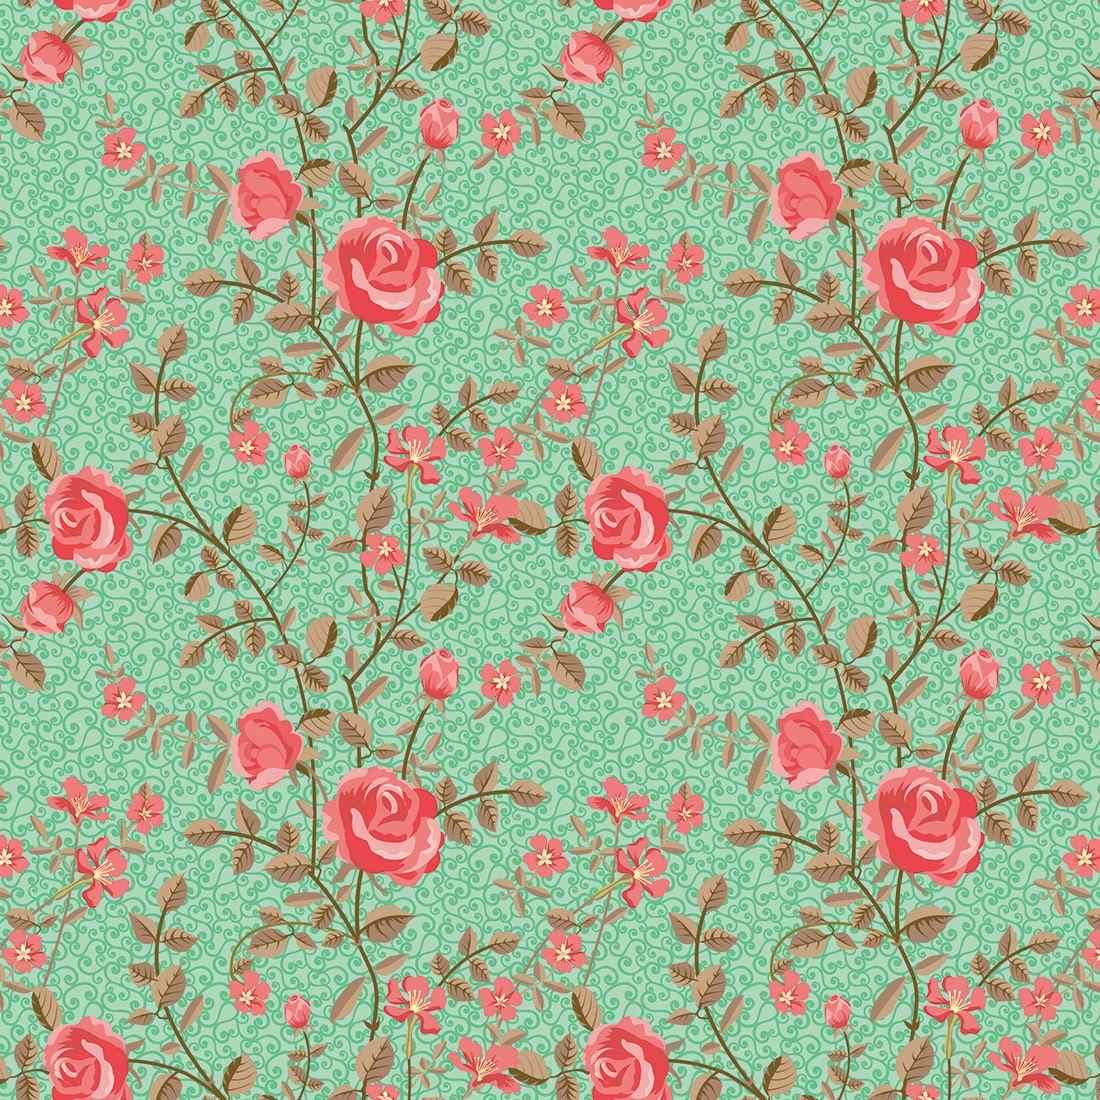 Loja Artesanato Zona Sul ~ Adesivo De Parede Lavável Floral Com Arabesco E Fundo Verde R$ 59,00 em Mercado Livre